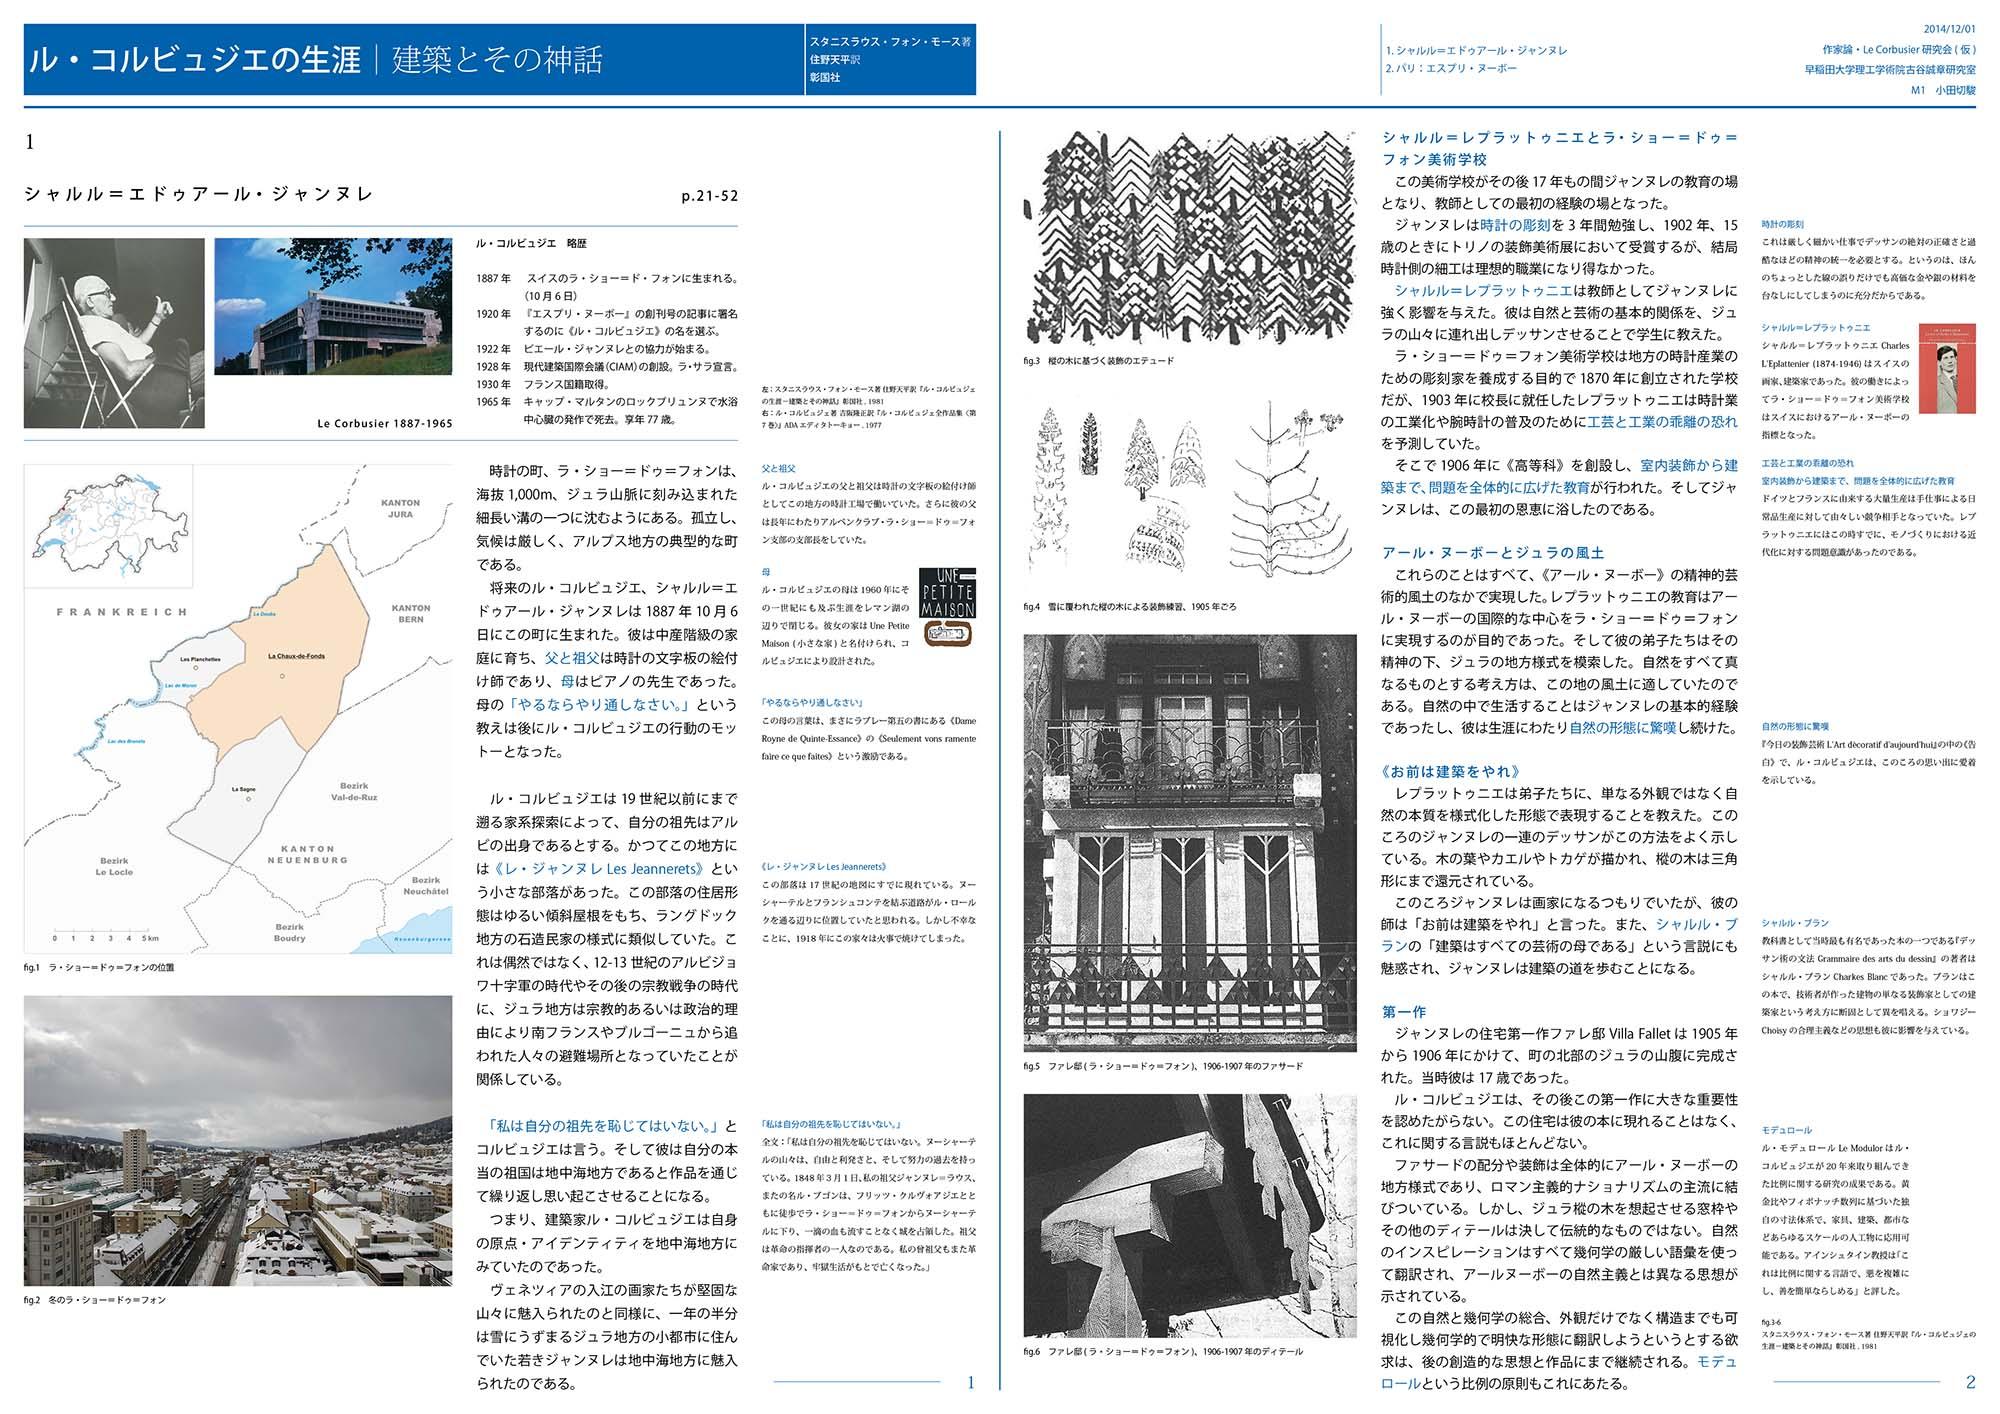 20141211-20141201_1_odagiri.jpg